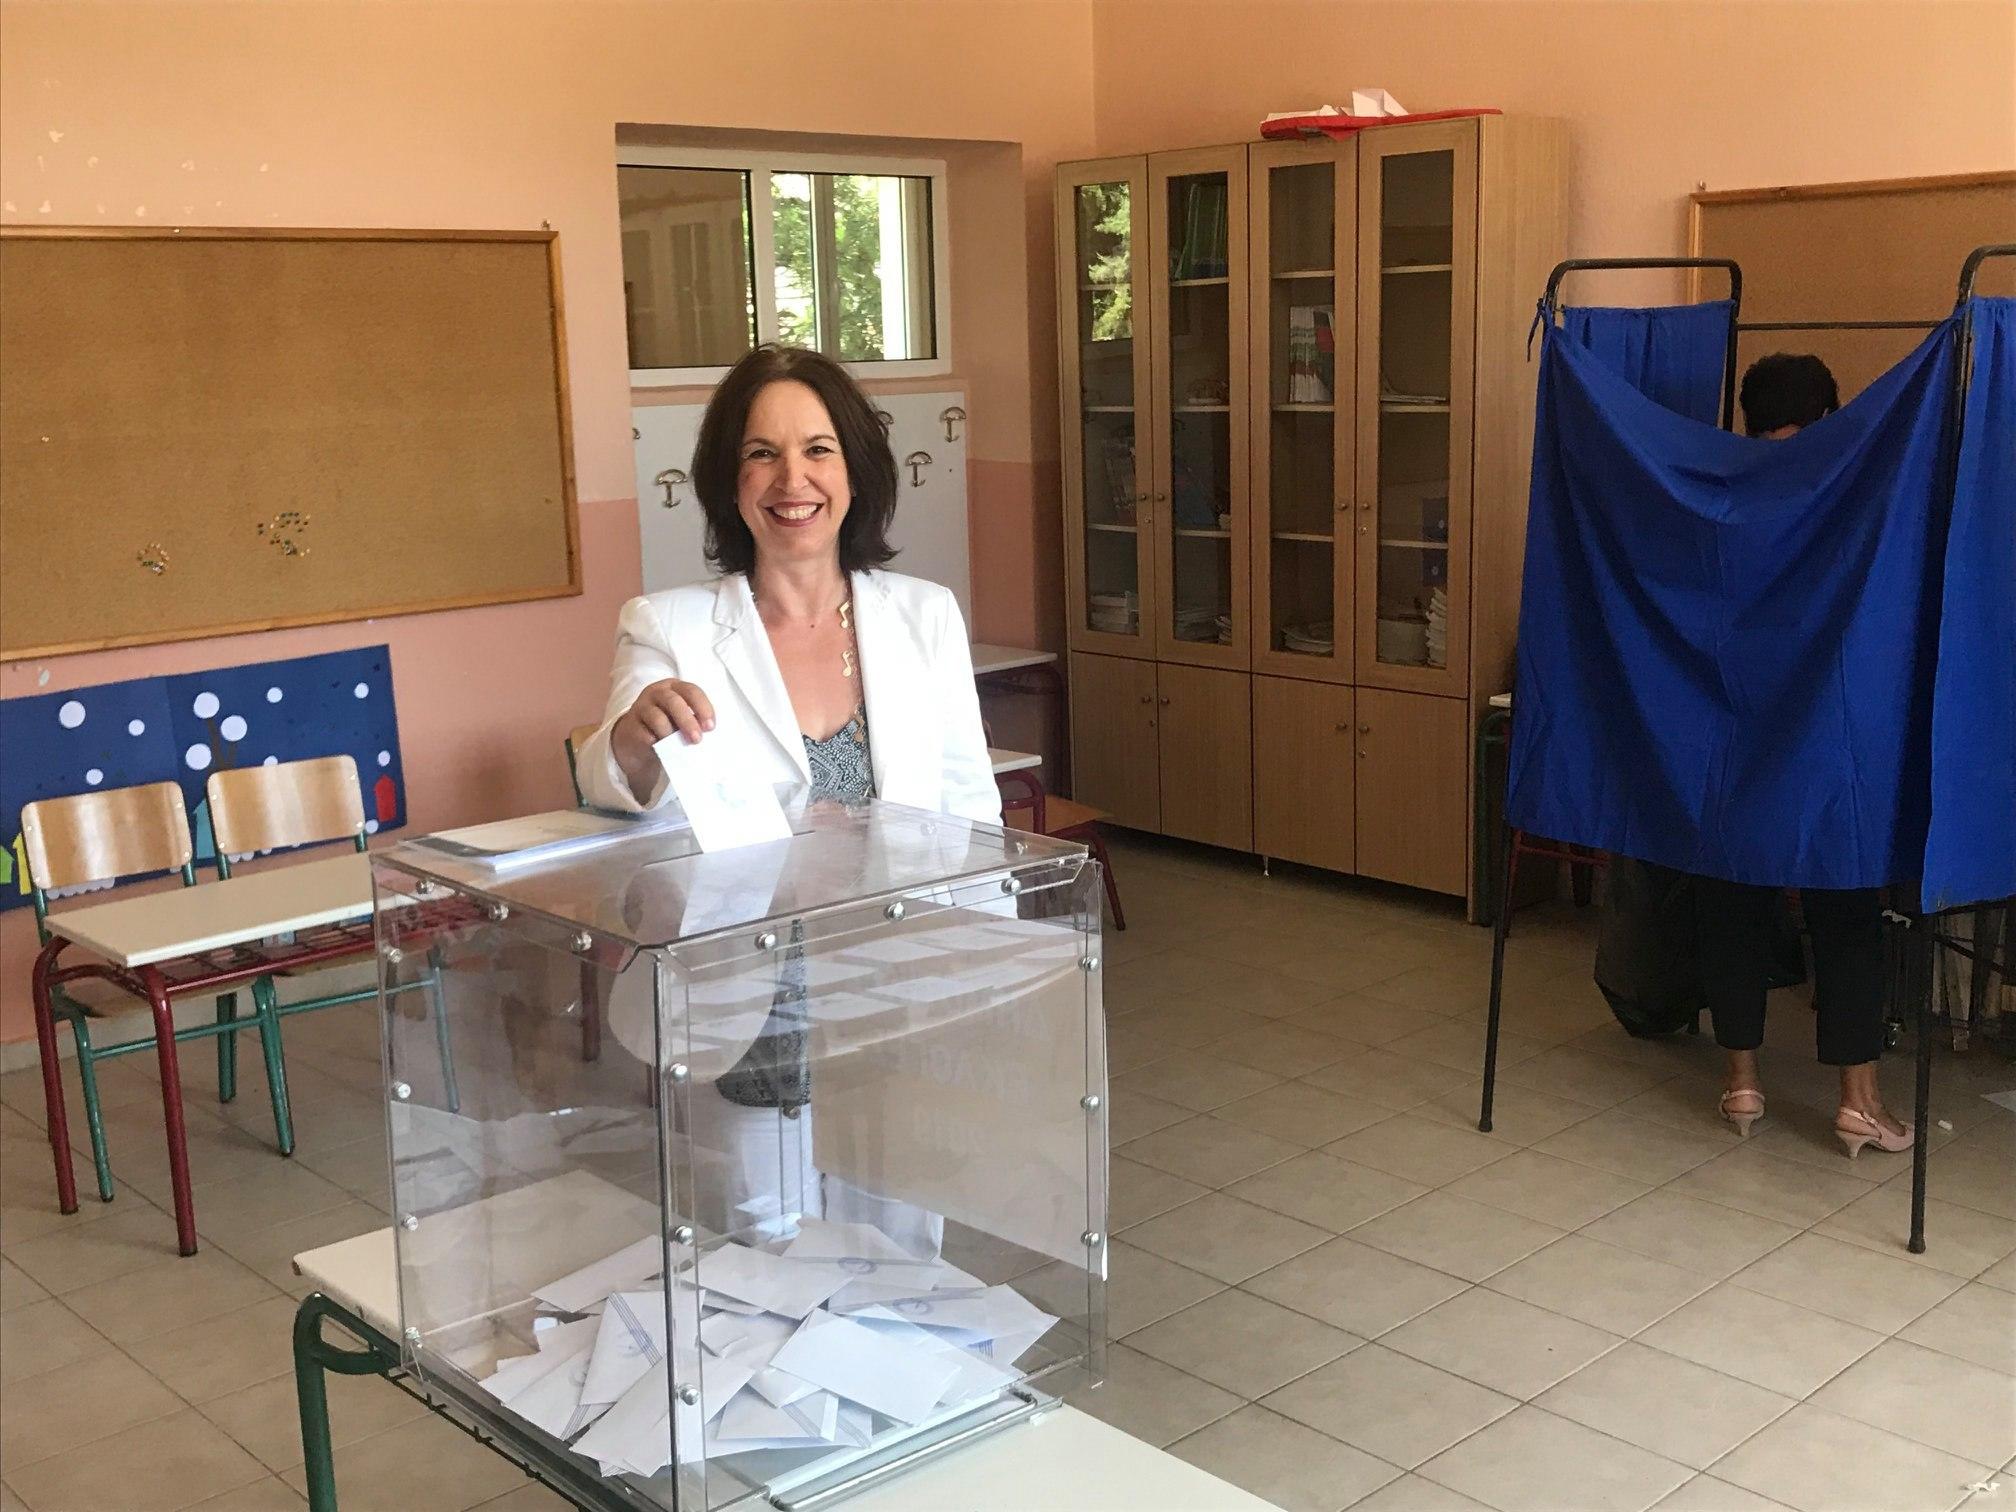 Η Καλλιόπη Βέττα μπροστά από την κάλπη την Κυριακή των εκλογών